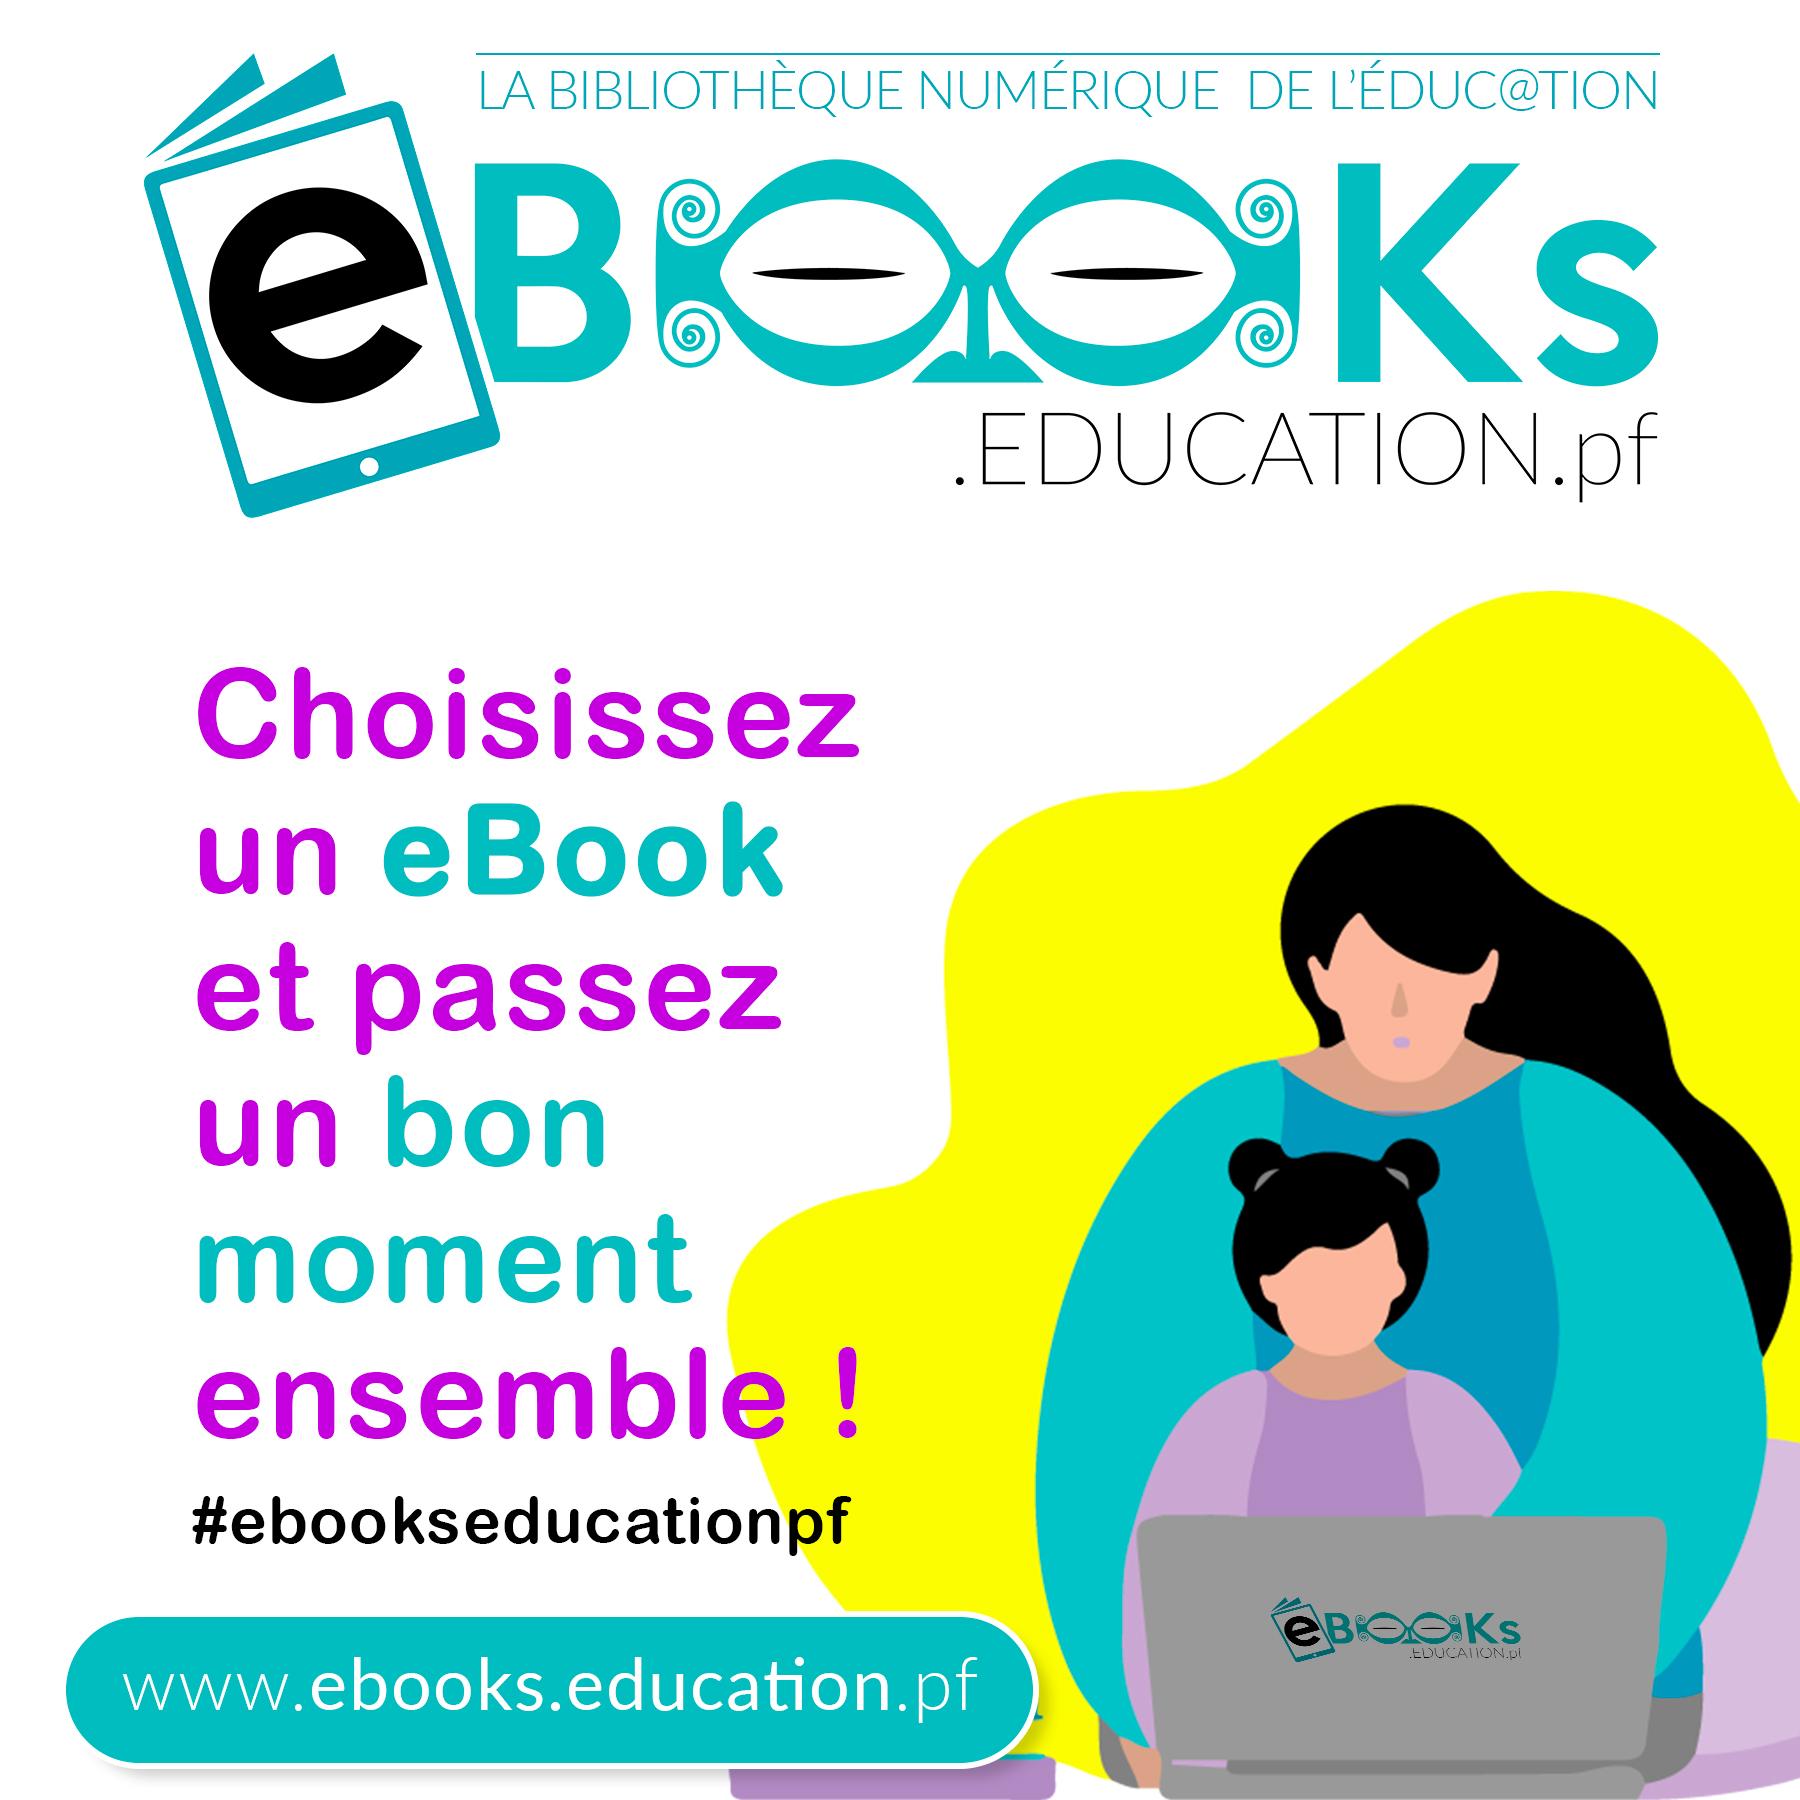 pub4-ebookseducation-carre